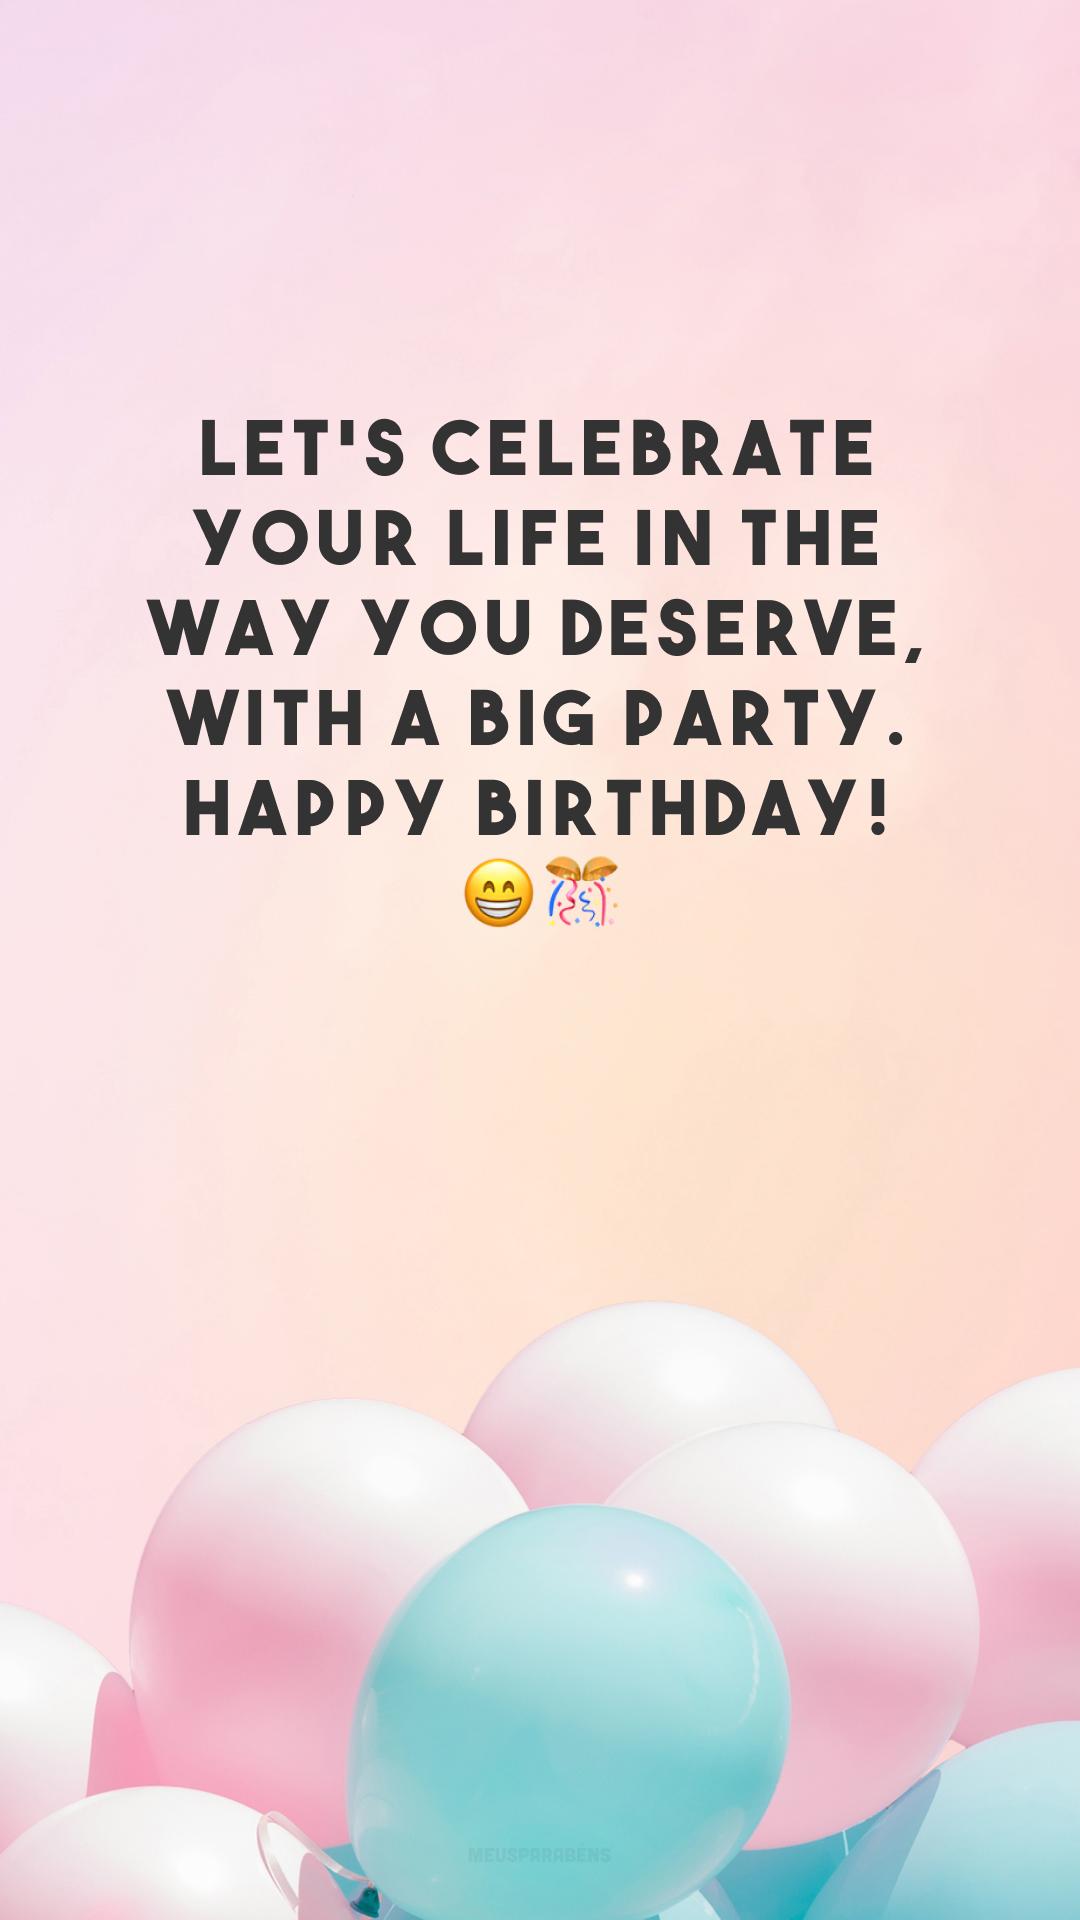 Let's celebrate your life in the way you deserve, with a big party. Happy birthday! 😁🎊 (Vamos celebrar sua vida da maneira que você merece, com uma grande festa. Feliz aniversário!)